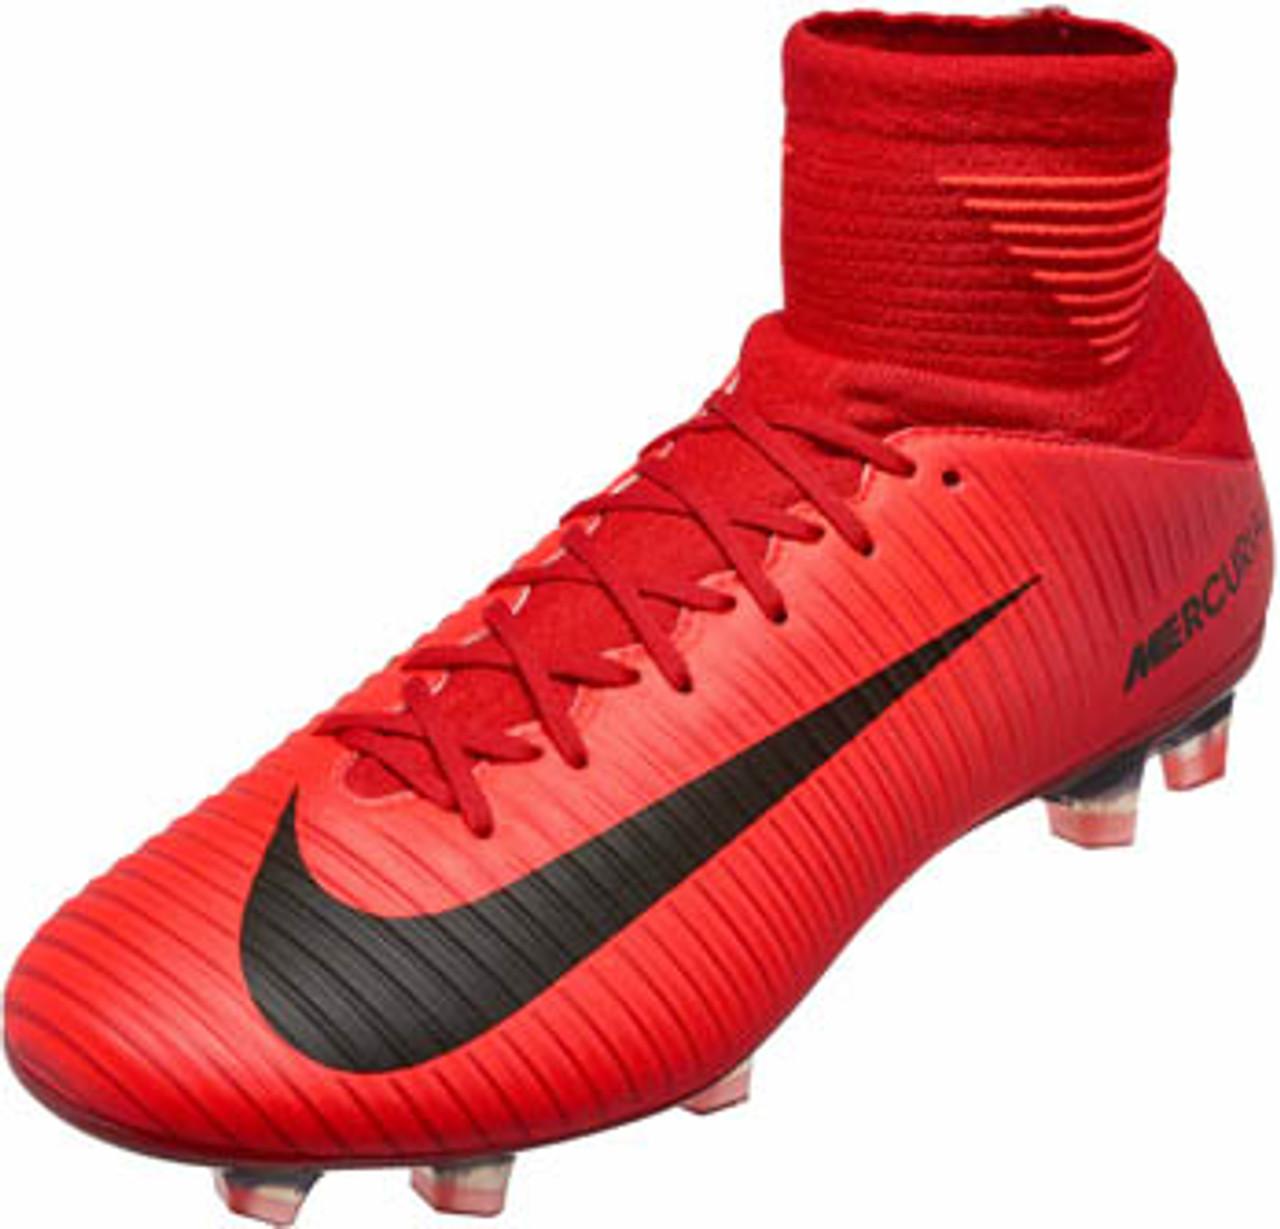 Marketing de motores de búsqueda ¿Cómo Enriquecimiento  NIKE MERCURIAL VELOCE III DF FG university red - Soccer Plus